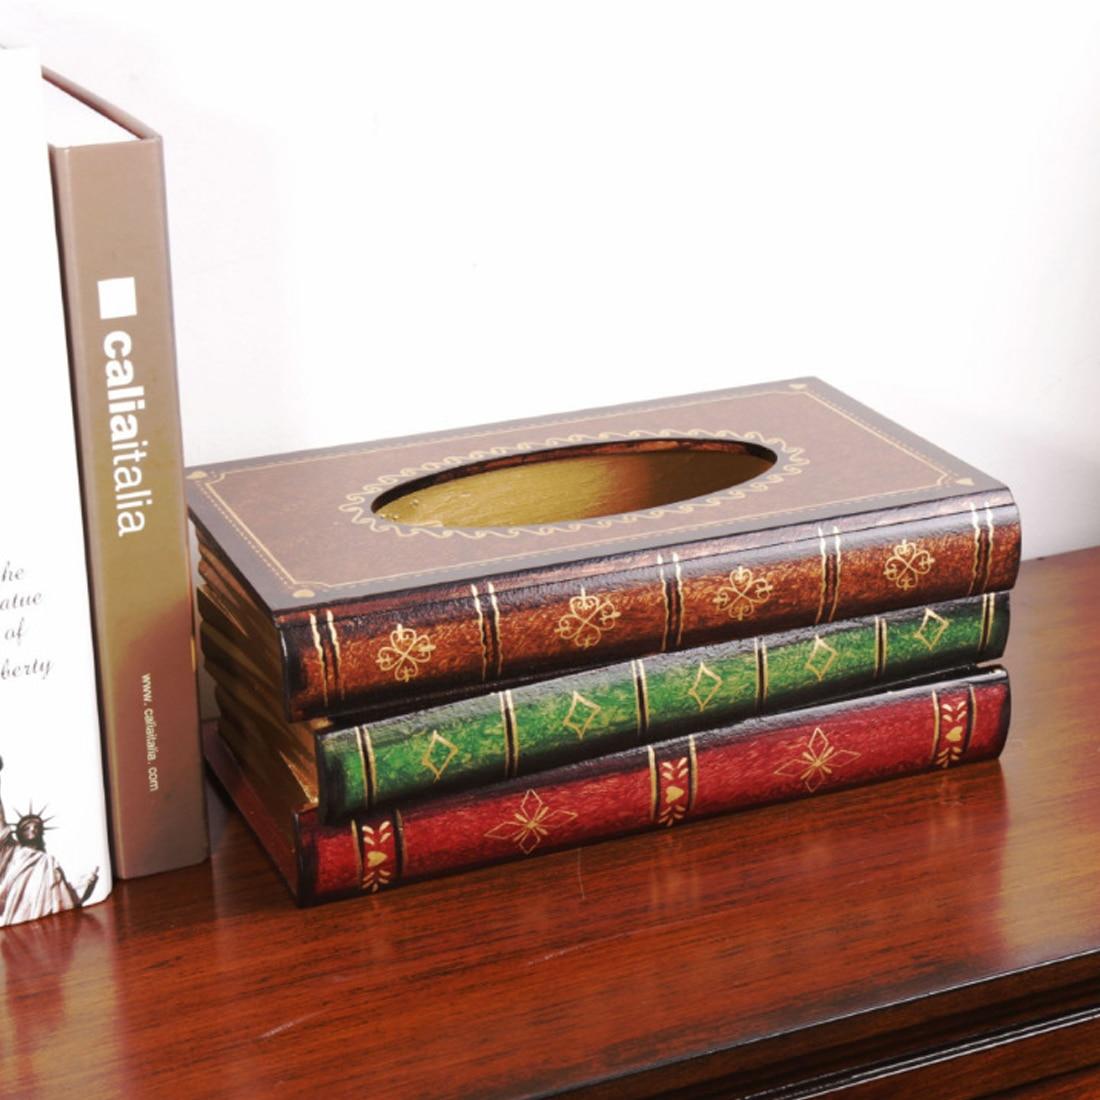 Лидер продаж Ретро ткани поддельные книги держатель ткани Обложка Европейский Стиль классический Ресторан украшения F